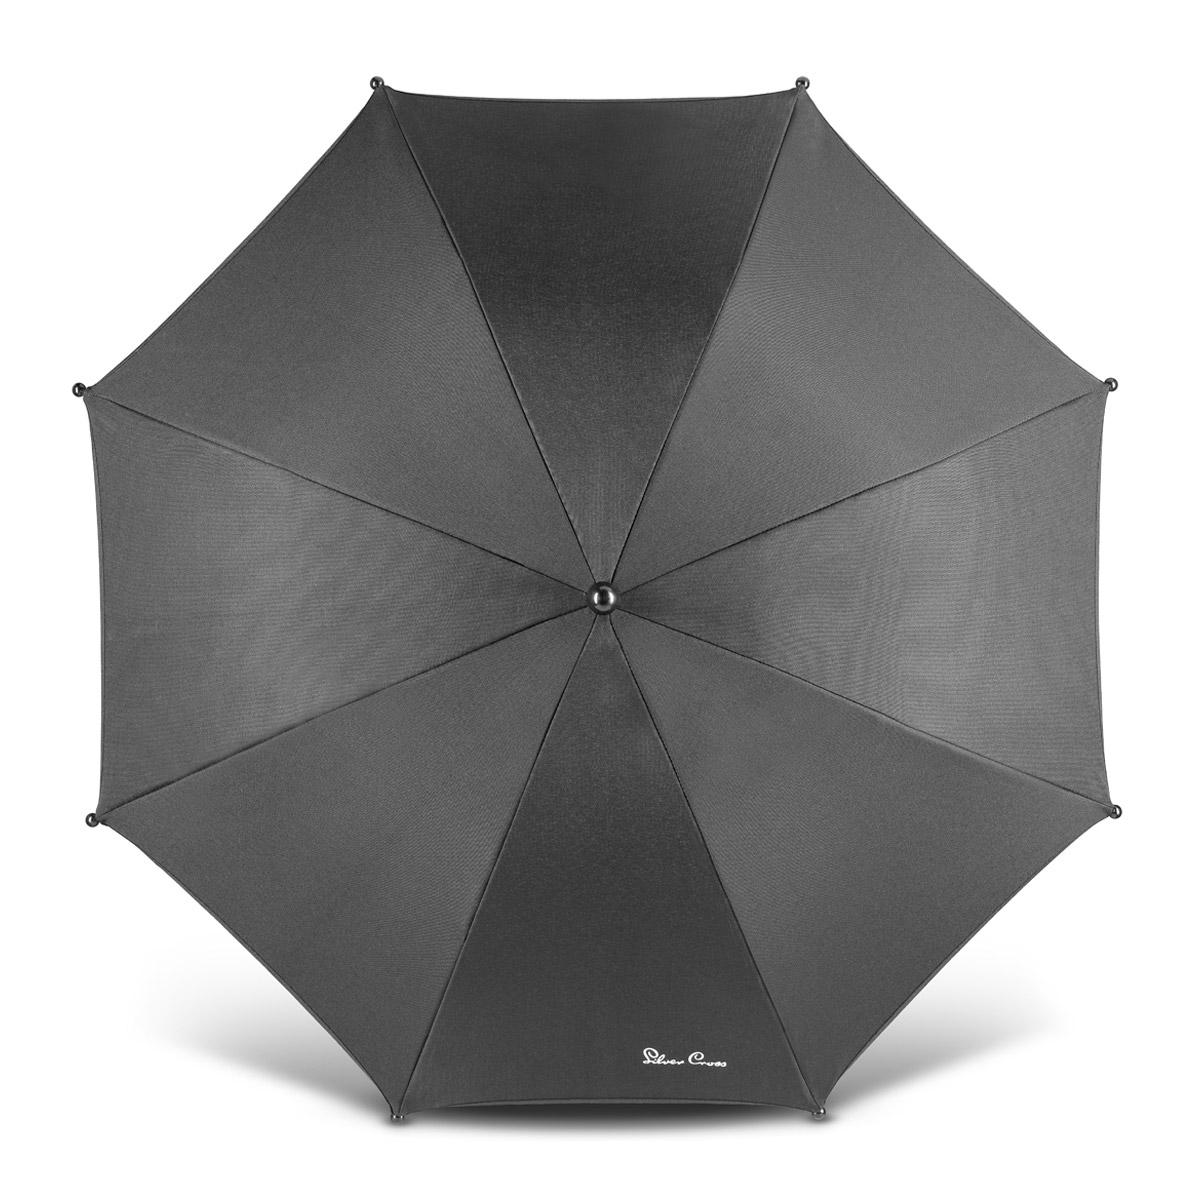 Зонт OnyxЗонты<br>Стильный аксессуар, защищающий от солнца!brgt;brgt;C зонтиком для коляски Silver Cross прогулка будет еще интереснее, а коляска будет смотреться стильно и оригинально. Зонтик служит для защиты малыша в коляске от солнечных лучей.brgt;brgt;Основные характеристики:brgt;— защита от солнца, ткань с защитой от ультрафиолетовых лучей UPF 50+brgt;— открывается одним нажатием кнопкиbrgt;— легко крепится и снимаетсяbrgt;— компактен в сложенном видеbrgt;— чехол для хранения в комплектеbrgt;— богатая цветовая палитра, которая дополнит дизайн Вашей Wavebrgt;